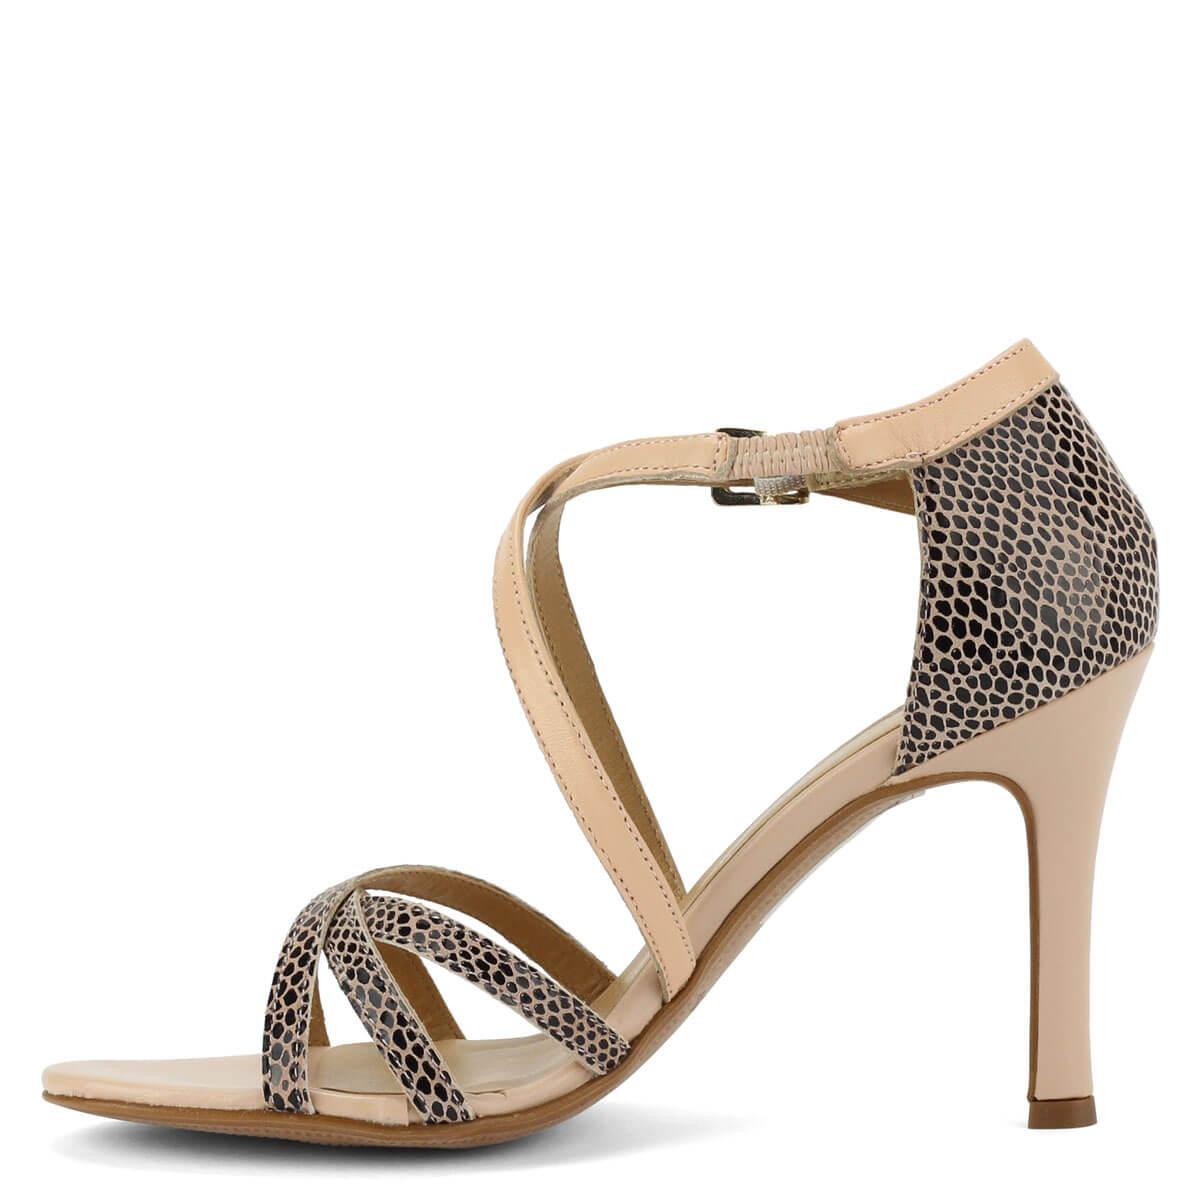 Keresztpántjai biztosan tartják a lábat  Magas sarkú pántos bőr Tamaris  szandál memóriahabos Touch it talpbéléssel. Keresztpántjai biztosan tartják  a lábat b571c8ff54